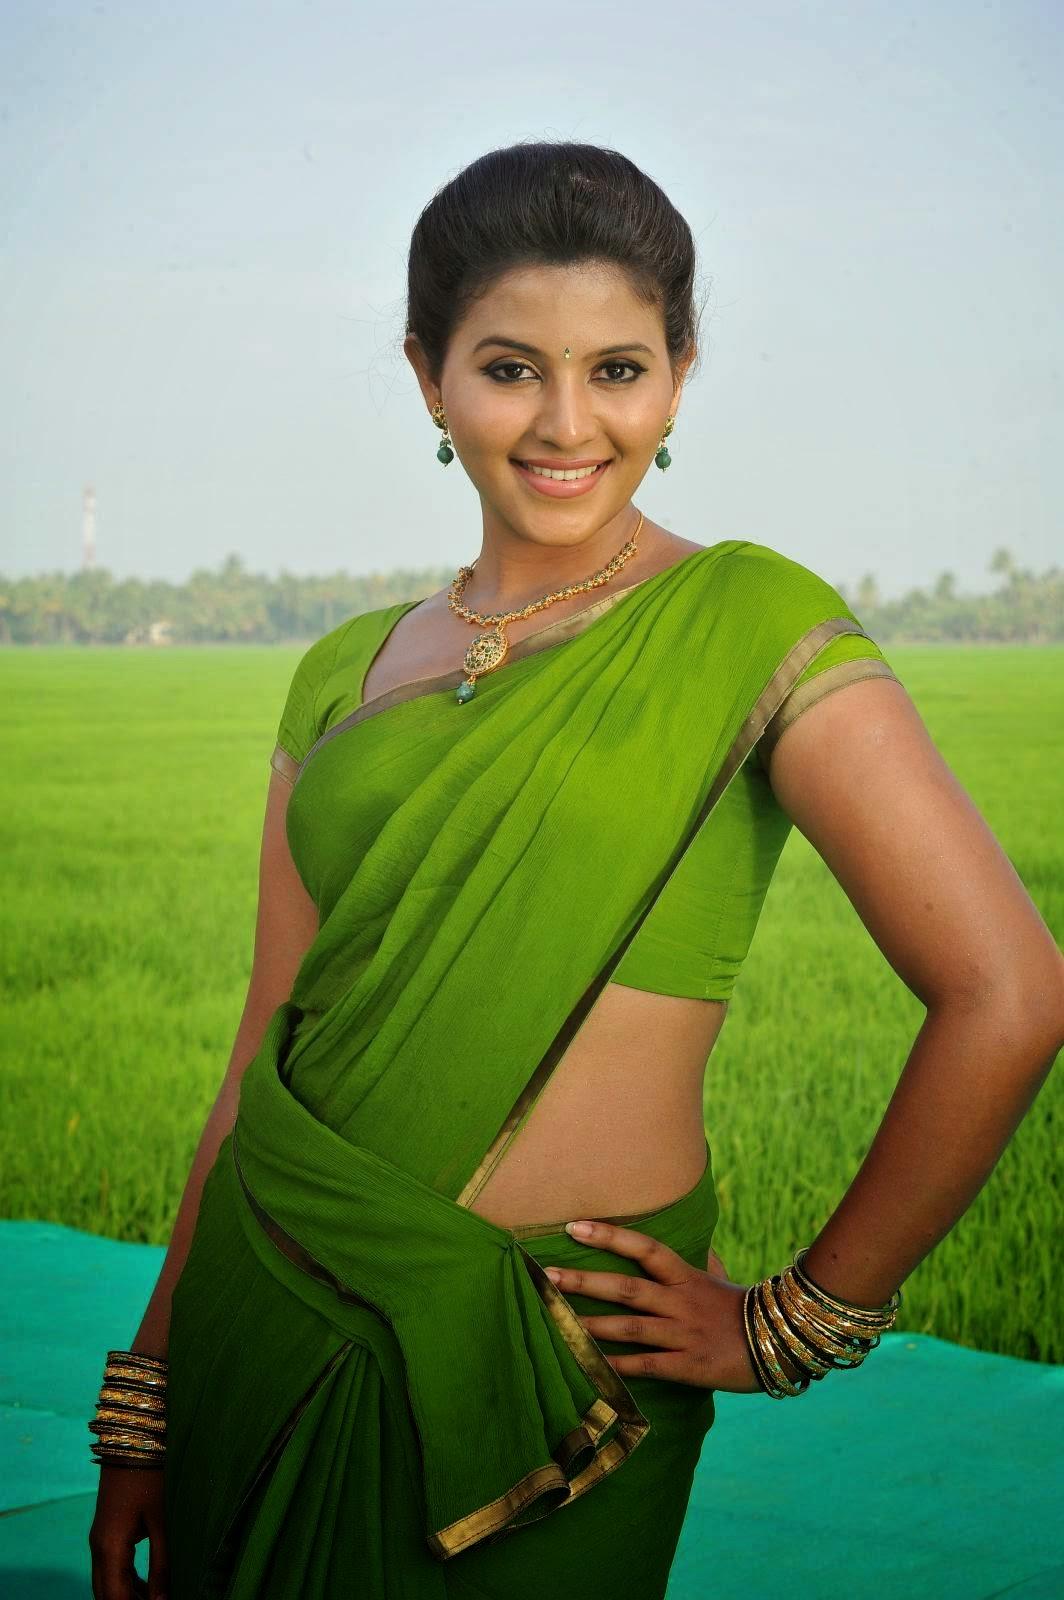 Actress anjali saree sex images will not